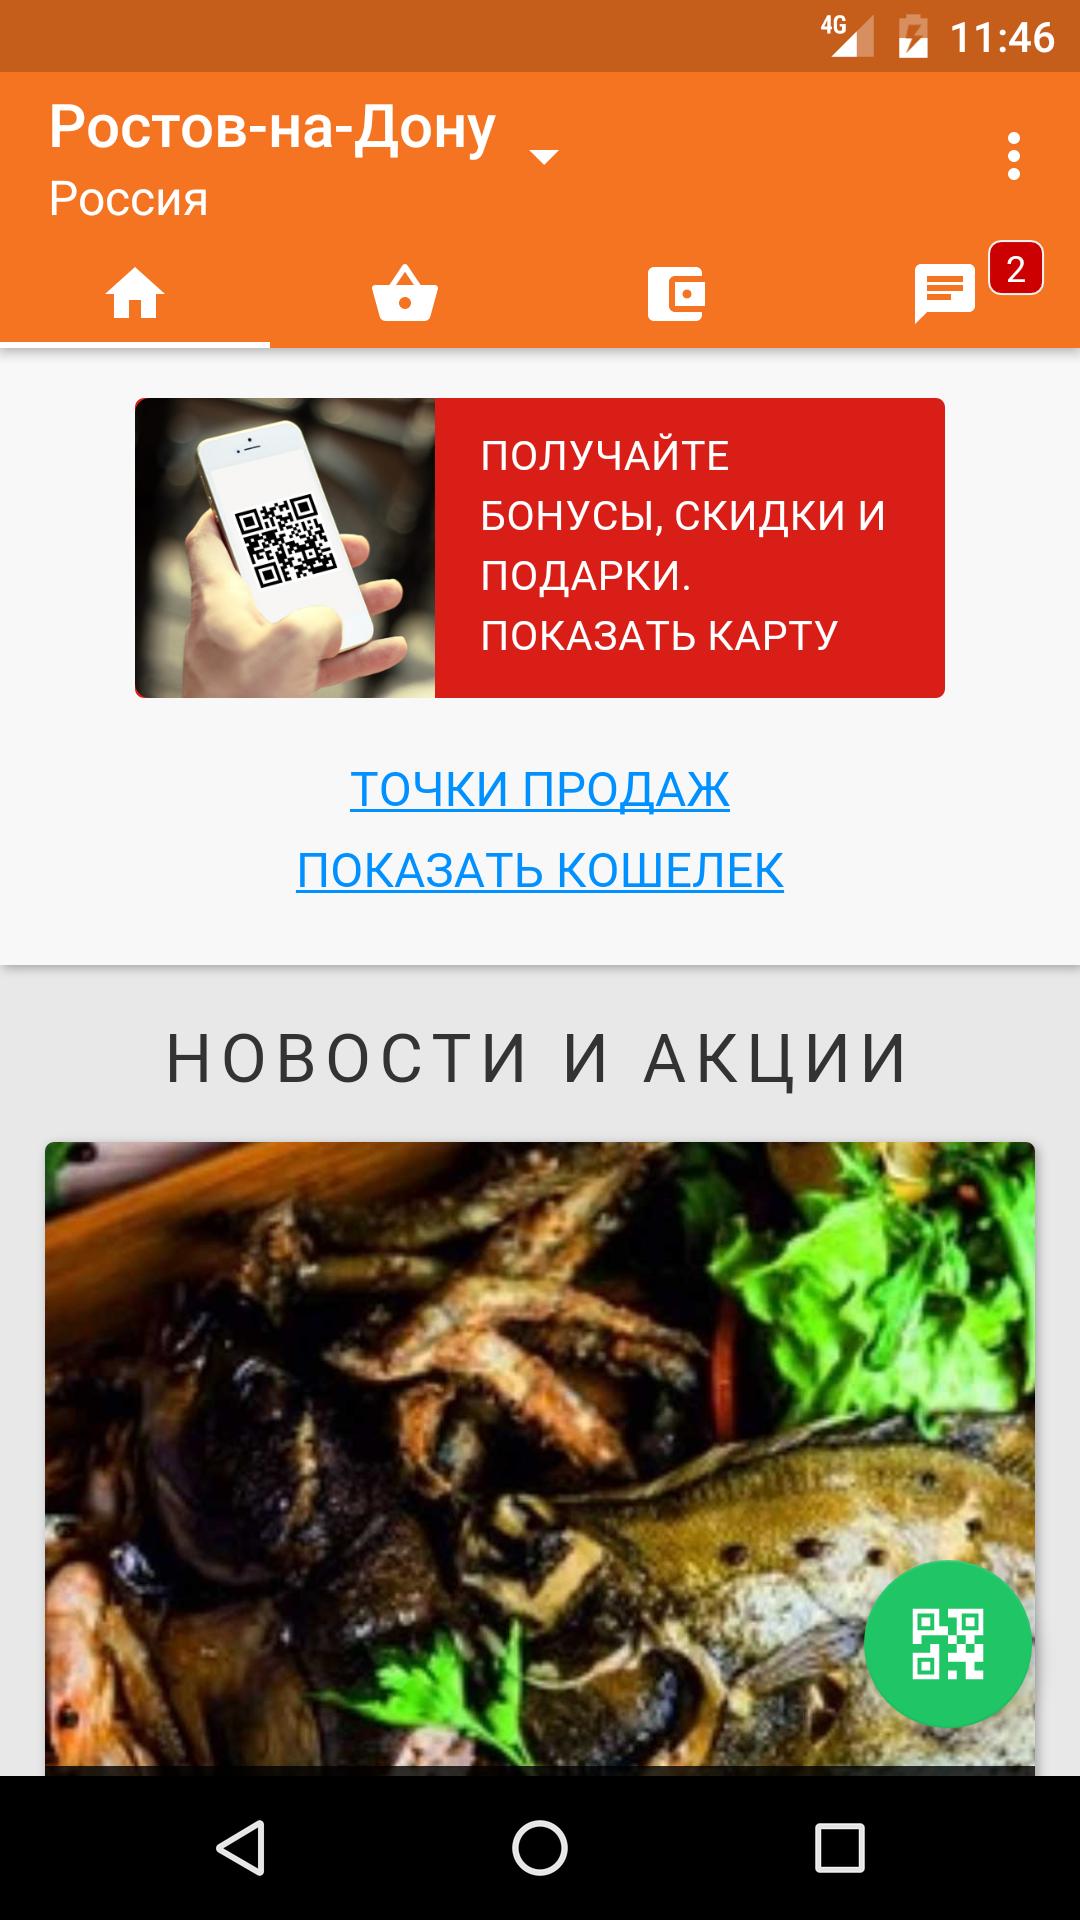 Мобильное приложение inCust: информация о компании, торговые точки, контакты, программы лояльности